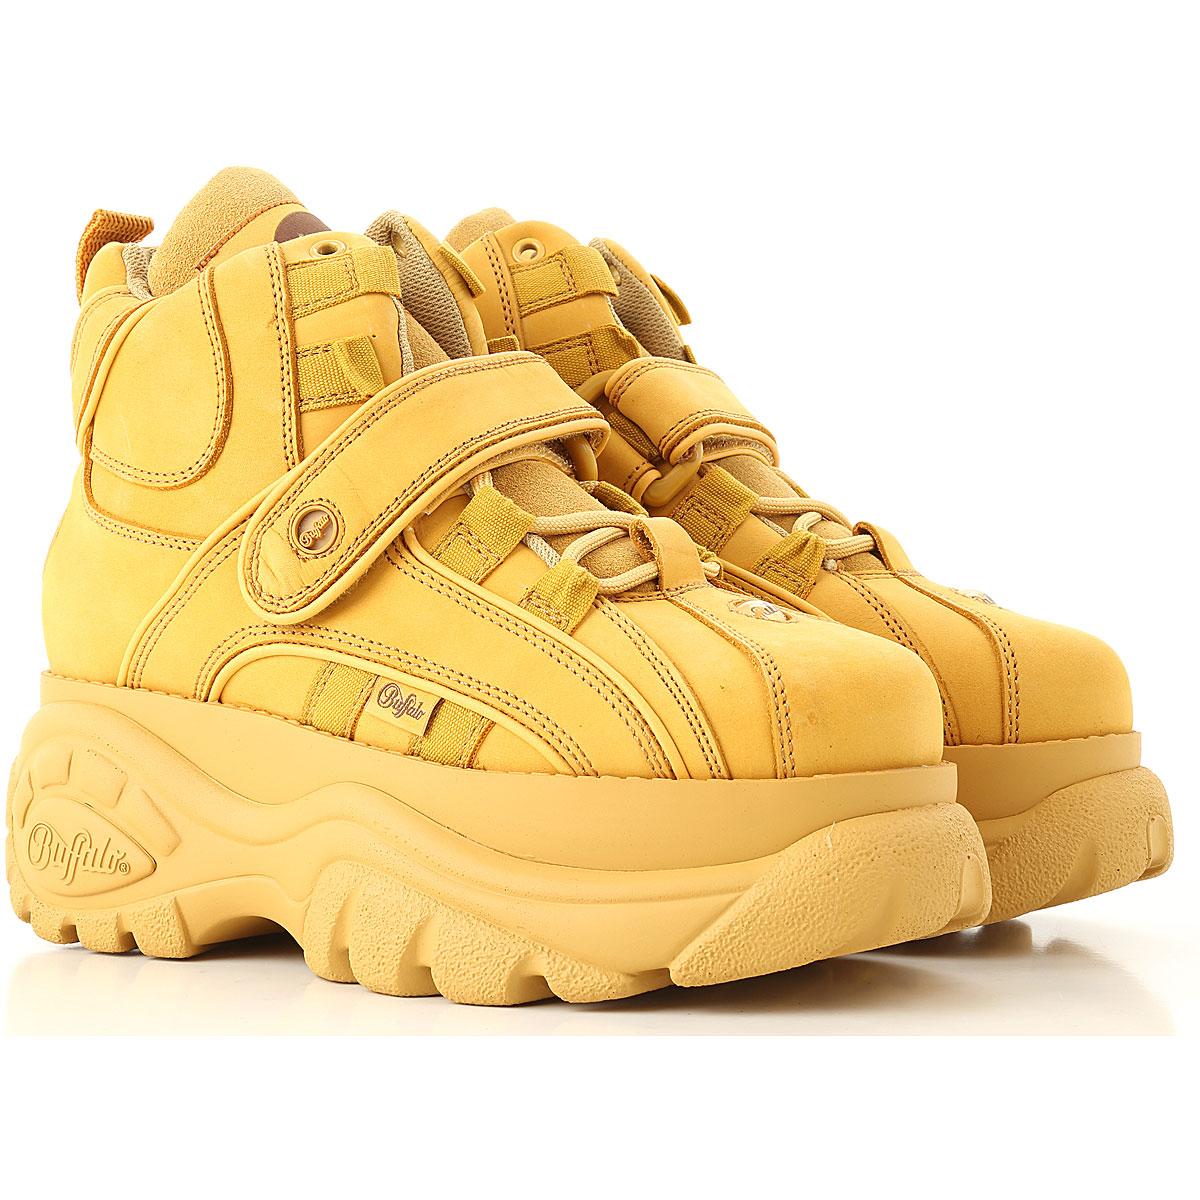 Image of Buffalo Sneakers for Women, Desert, Leather, 2017, UK 3 - EU 36 - US 6 UK 4 - EU 37 - US 7 UK 5 - EU 38 - US 8 UK 6 - EU 39 - US 9 UK 7 - EU 40 - US 10